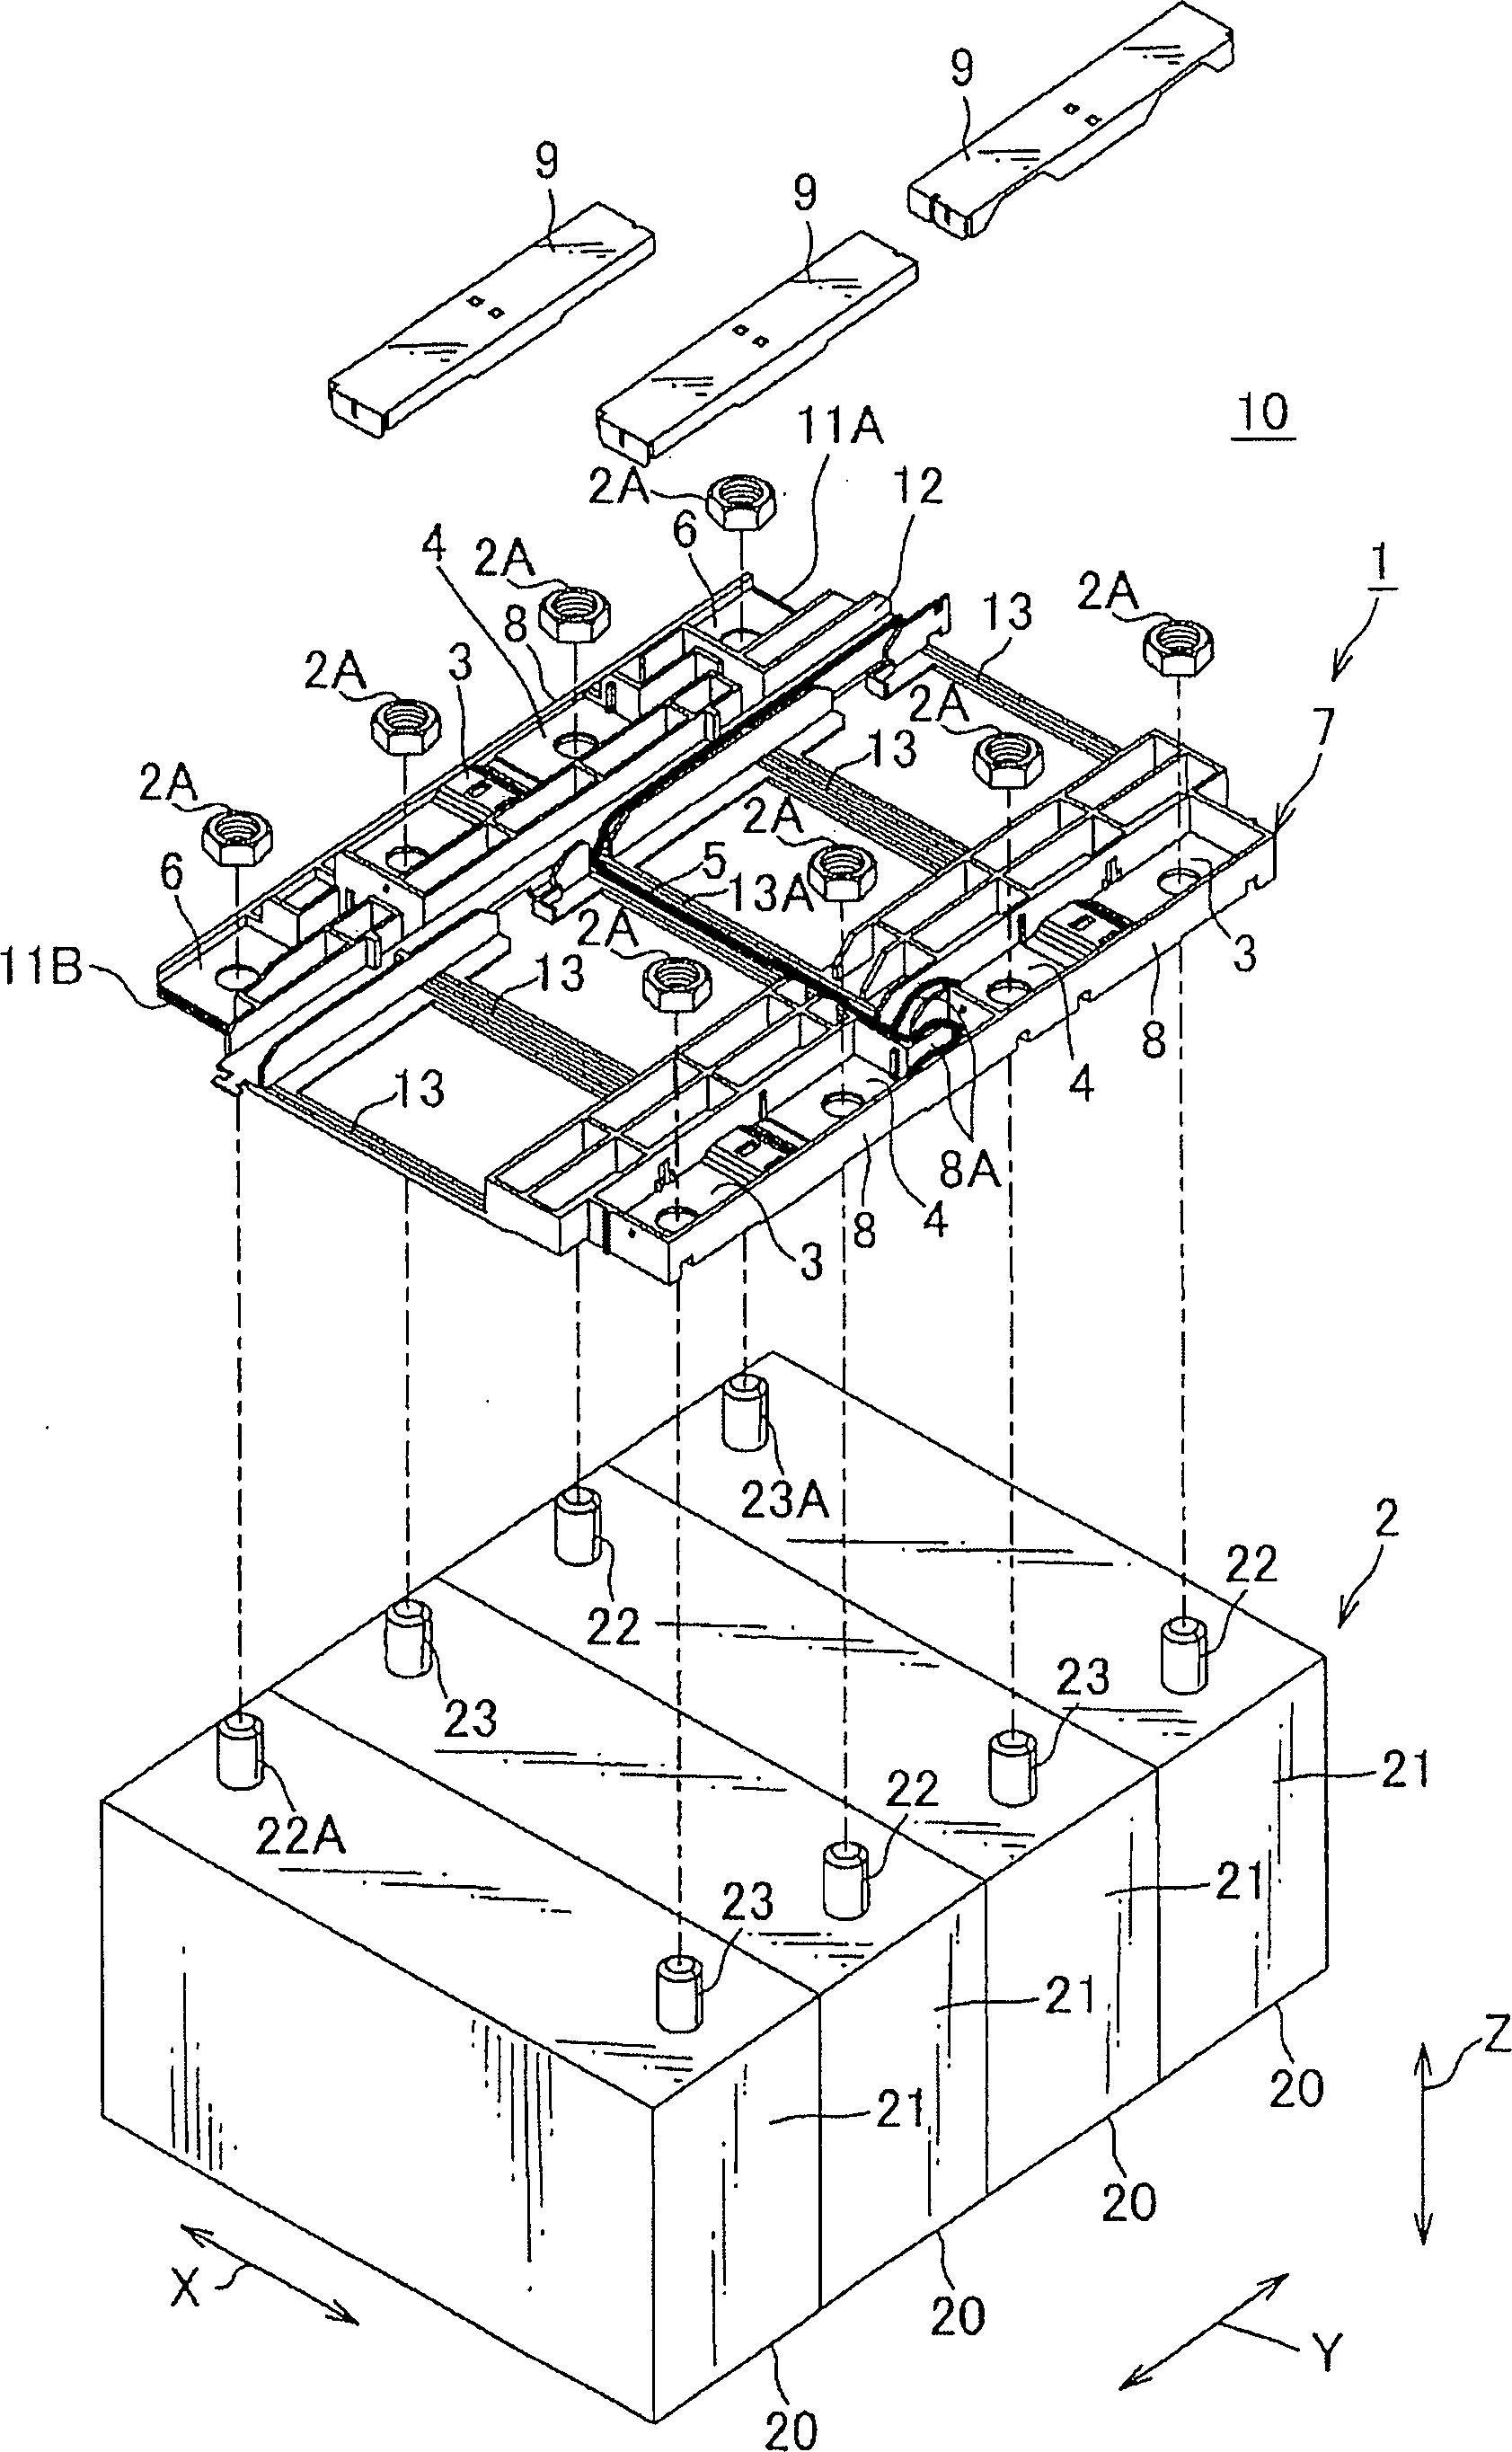 Figure DE112014002519T5_0001